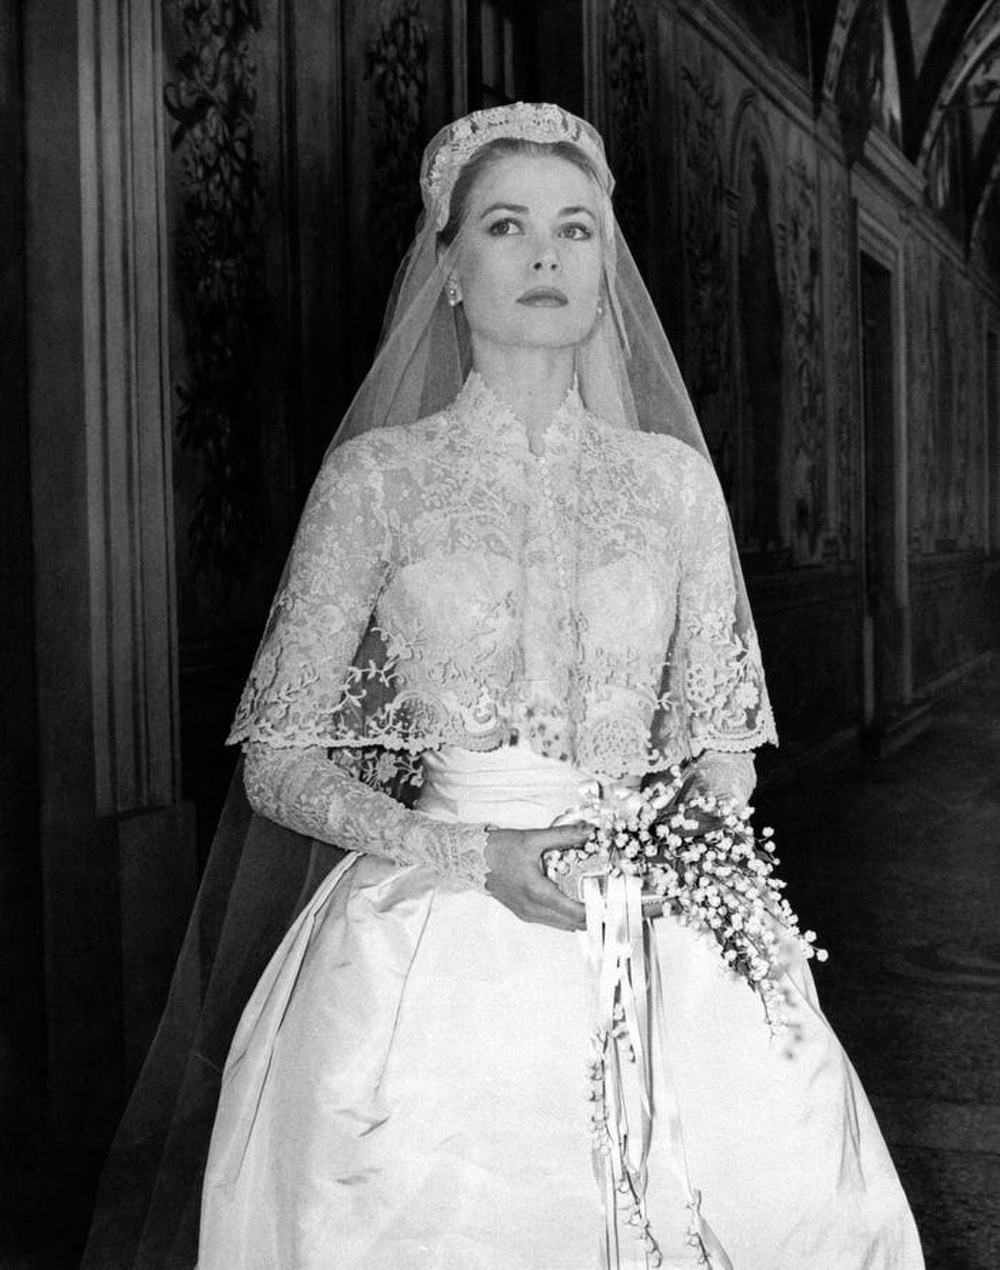 Bí ẩn tủ đồ Hoàng gia: Bóc giá 9 chiếc váy cưới Hoàng gia đắt đỏ nhất Ảnh 8